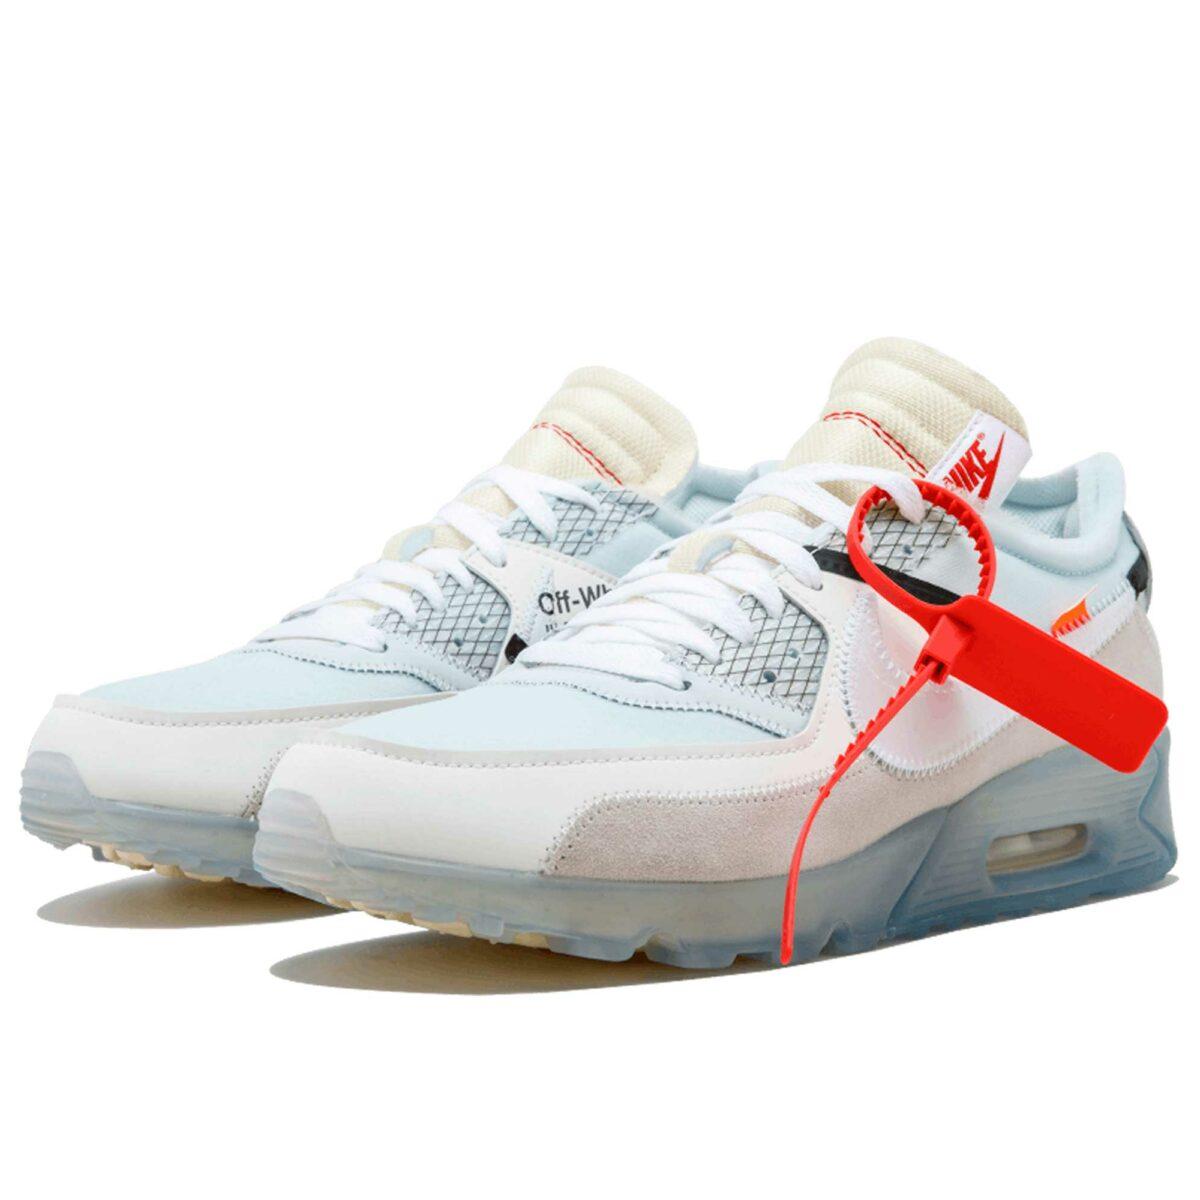 off white x nike air max 90 sail white muslin AA7293_100 купить